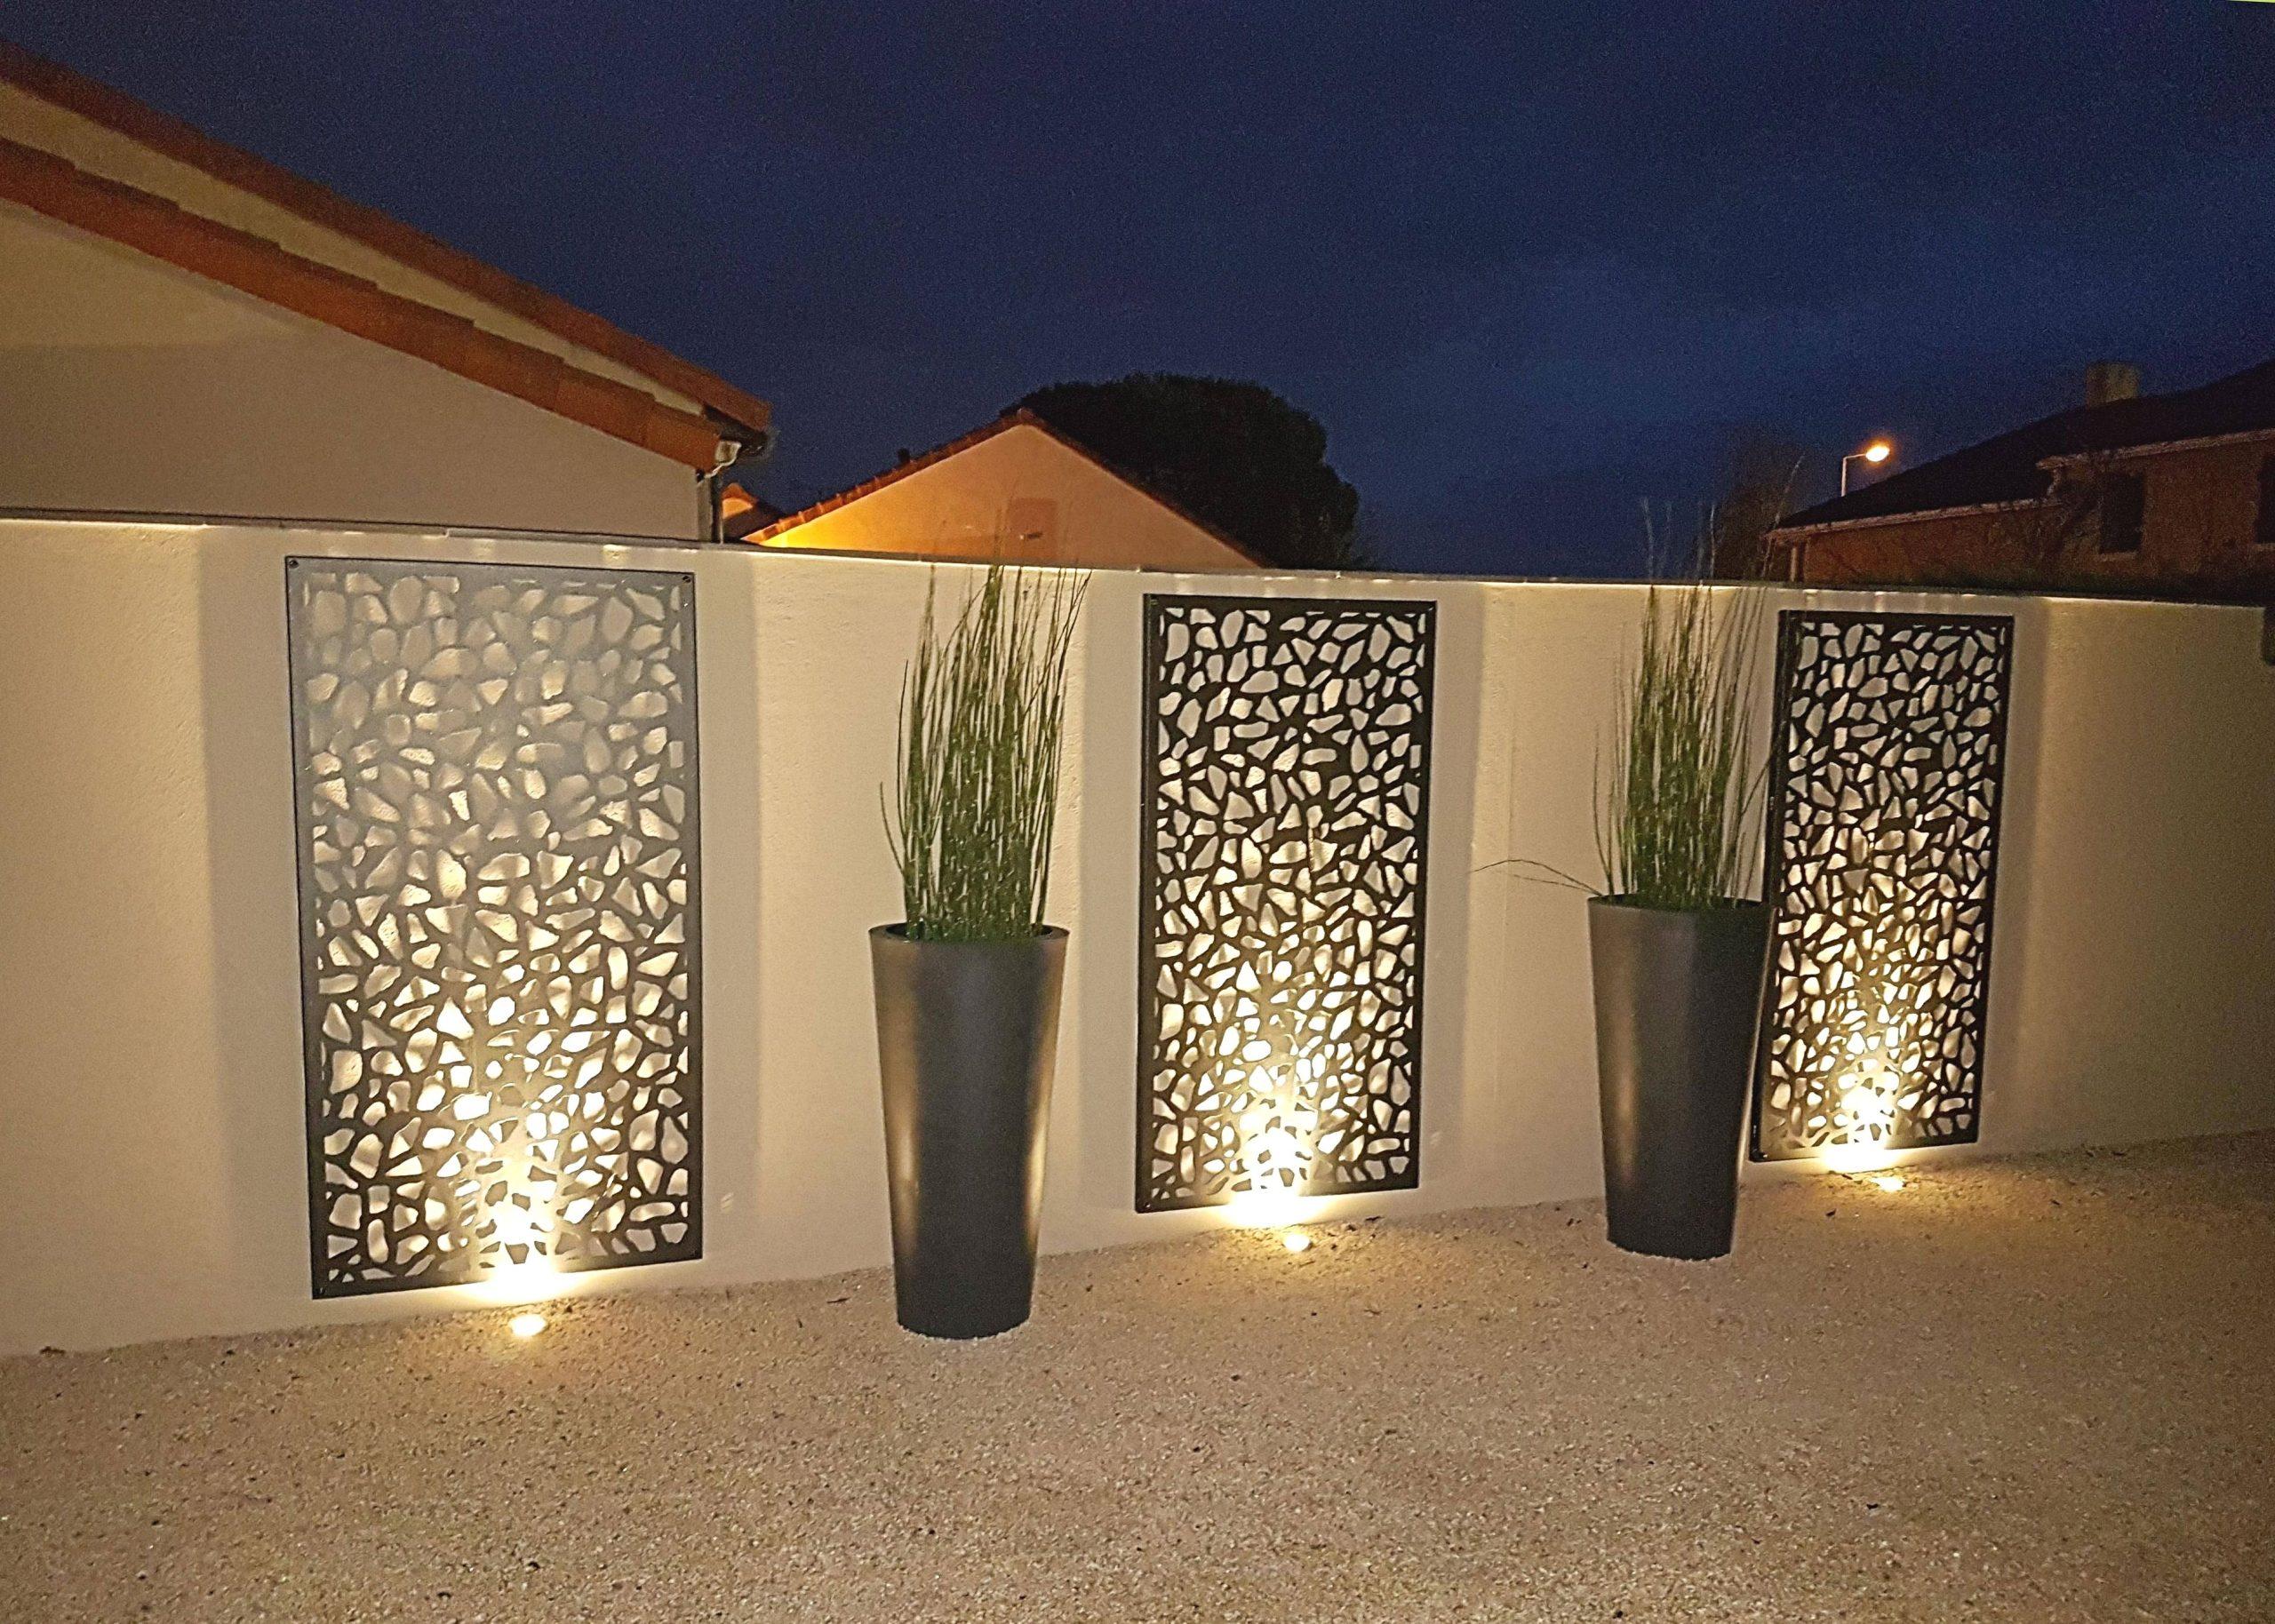 jardin de nuit par Obojardin